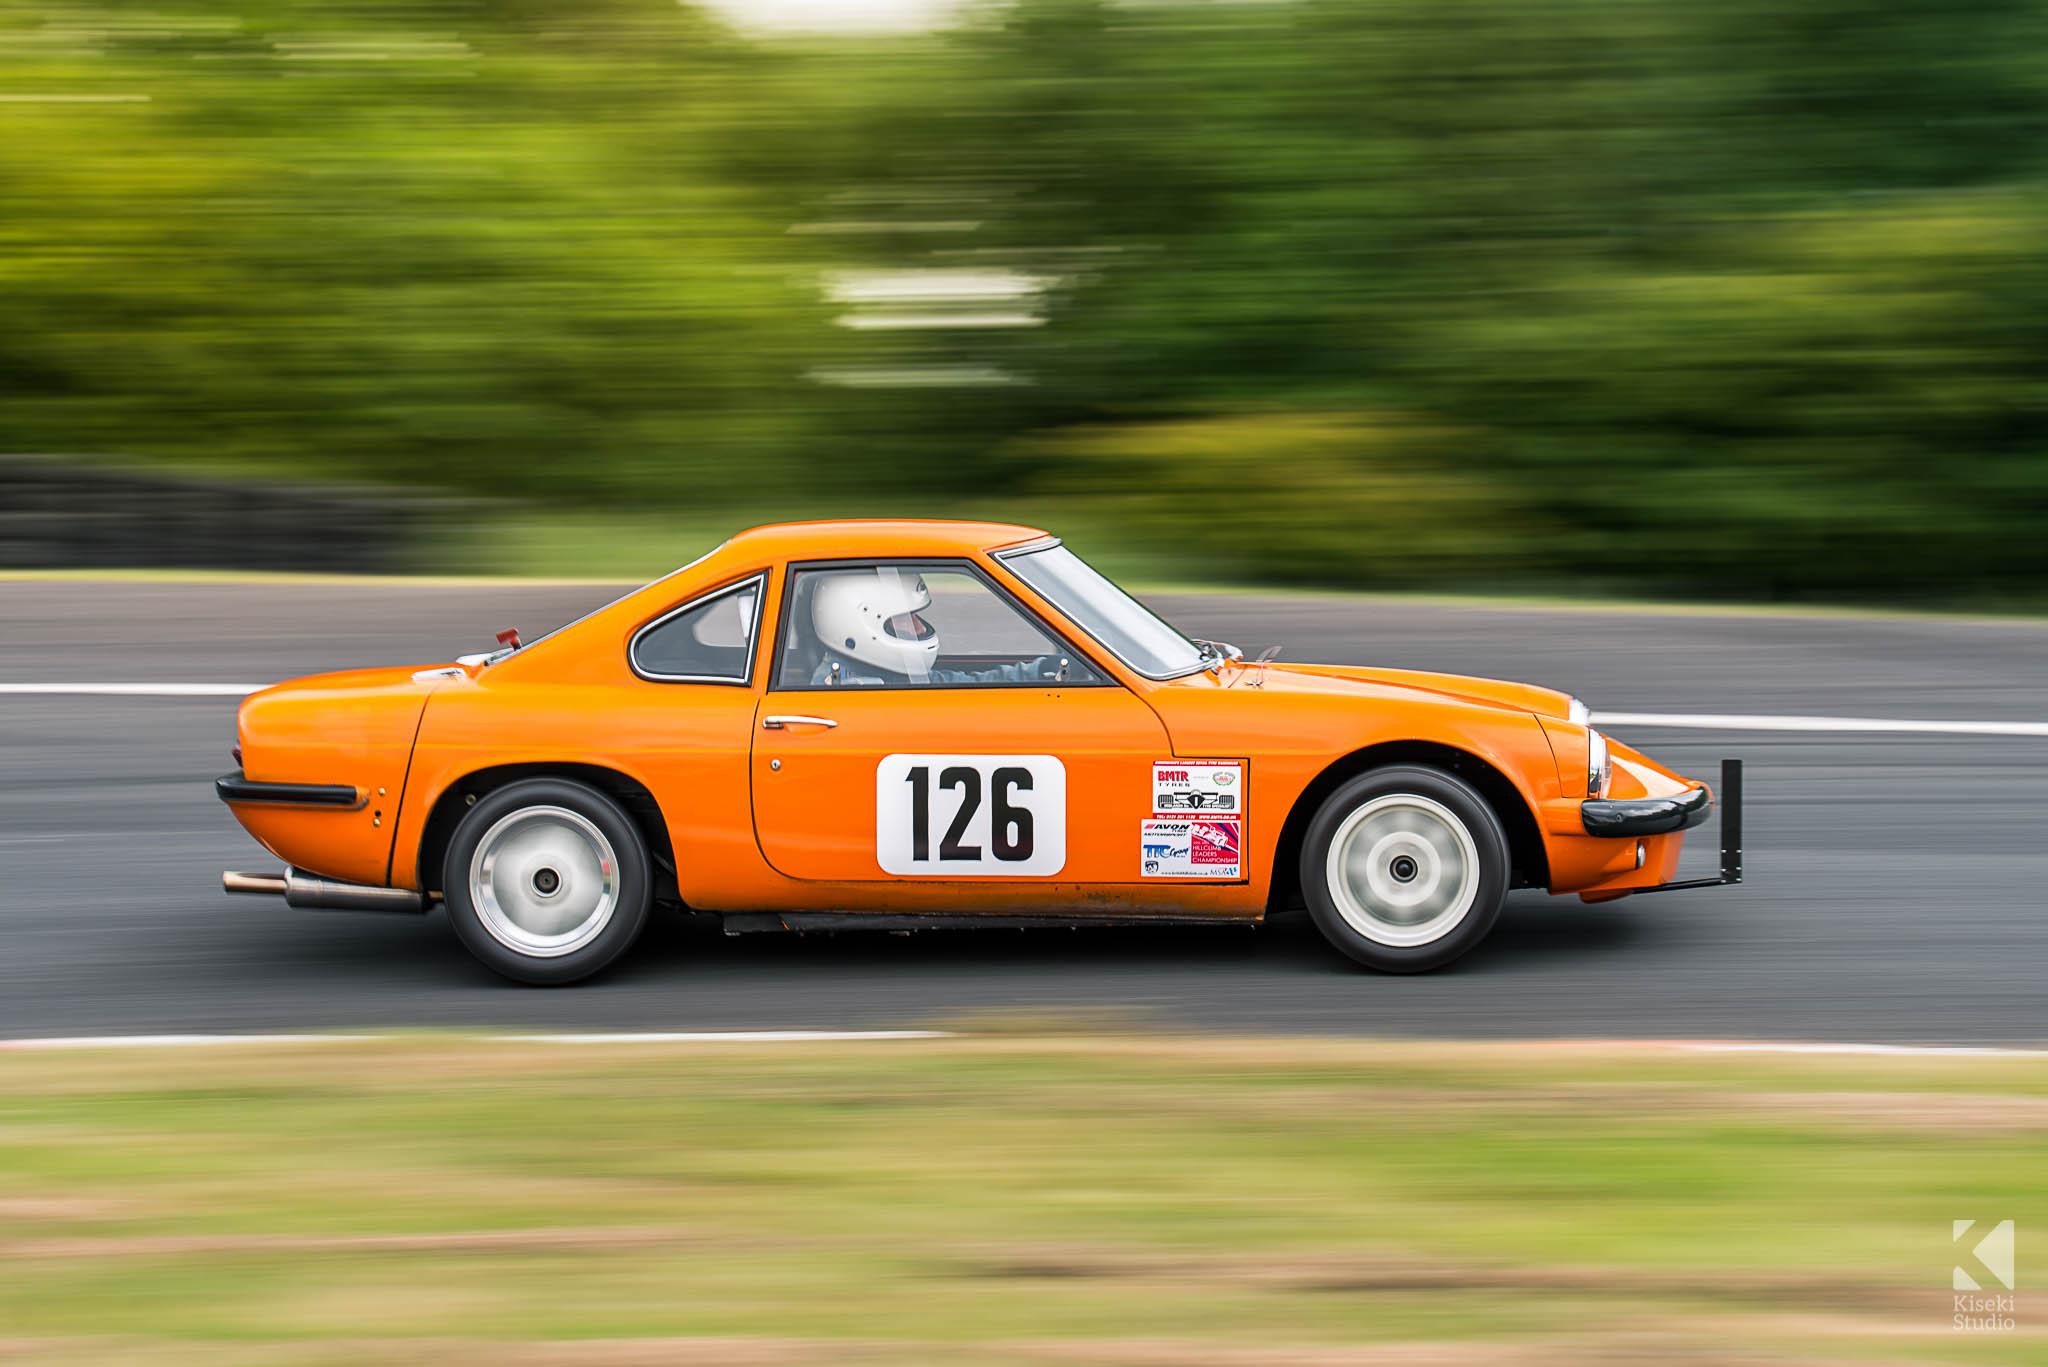 Ginetta G15 Orange